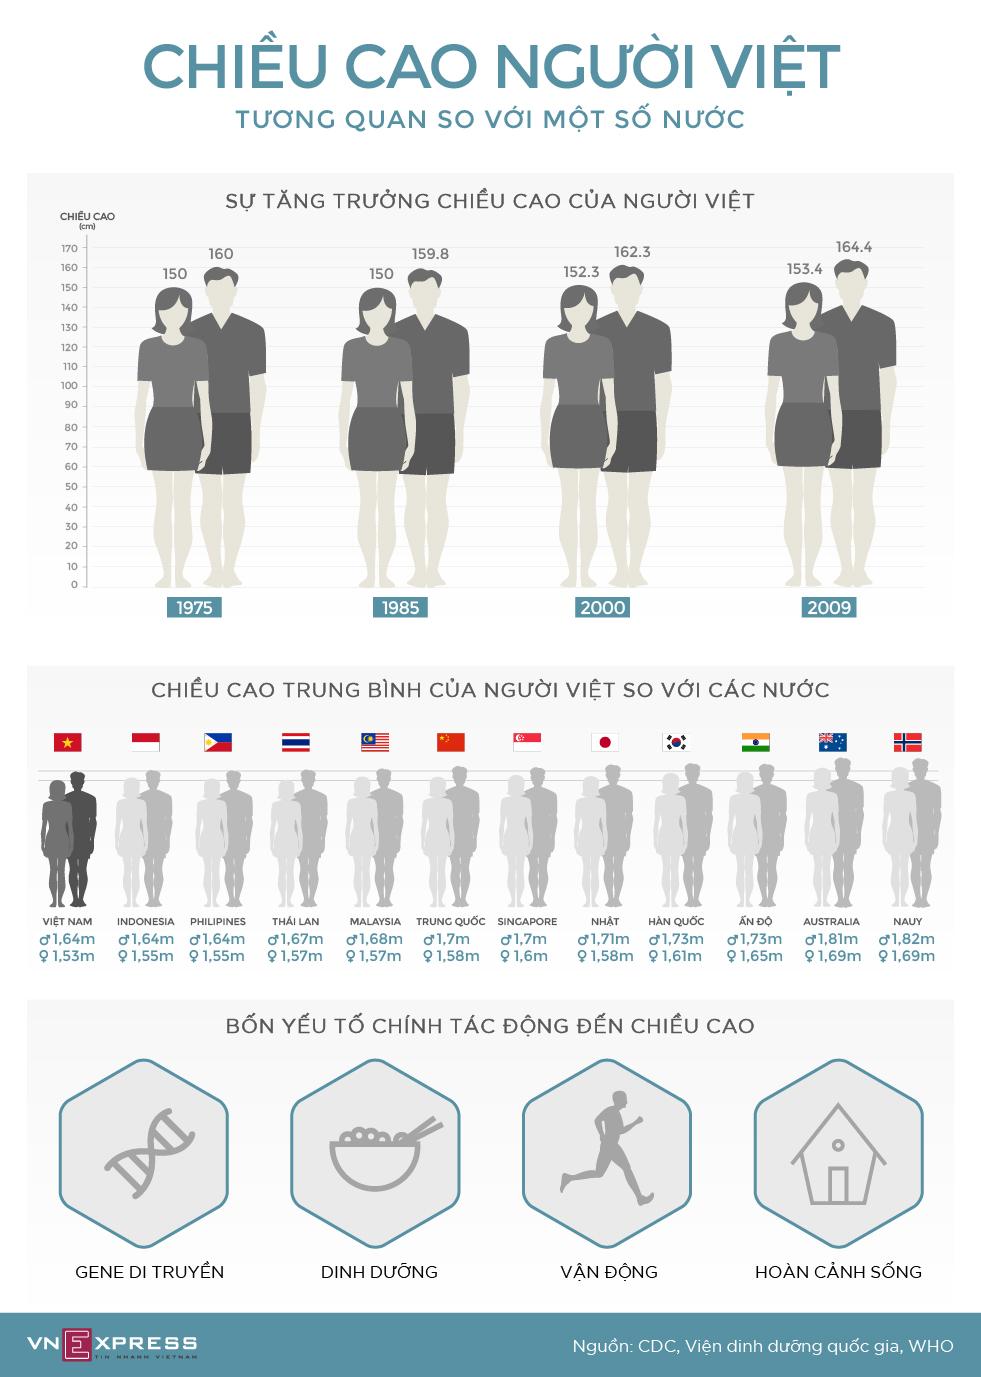 Đọ chiều cao người Việt với các nước